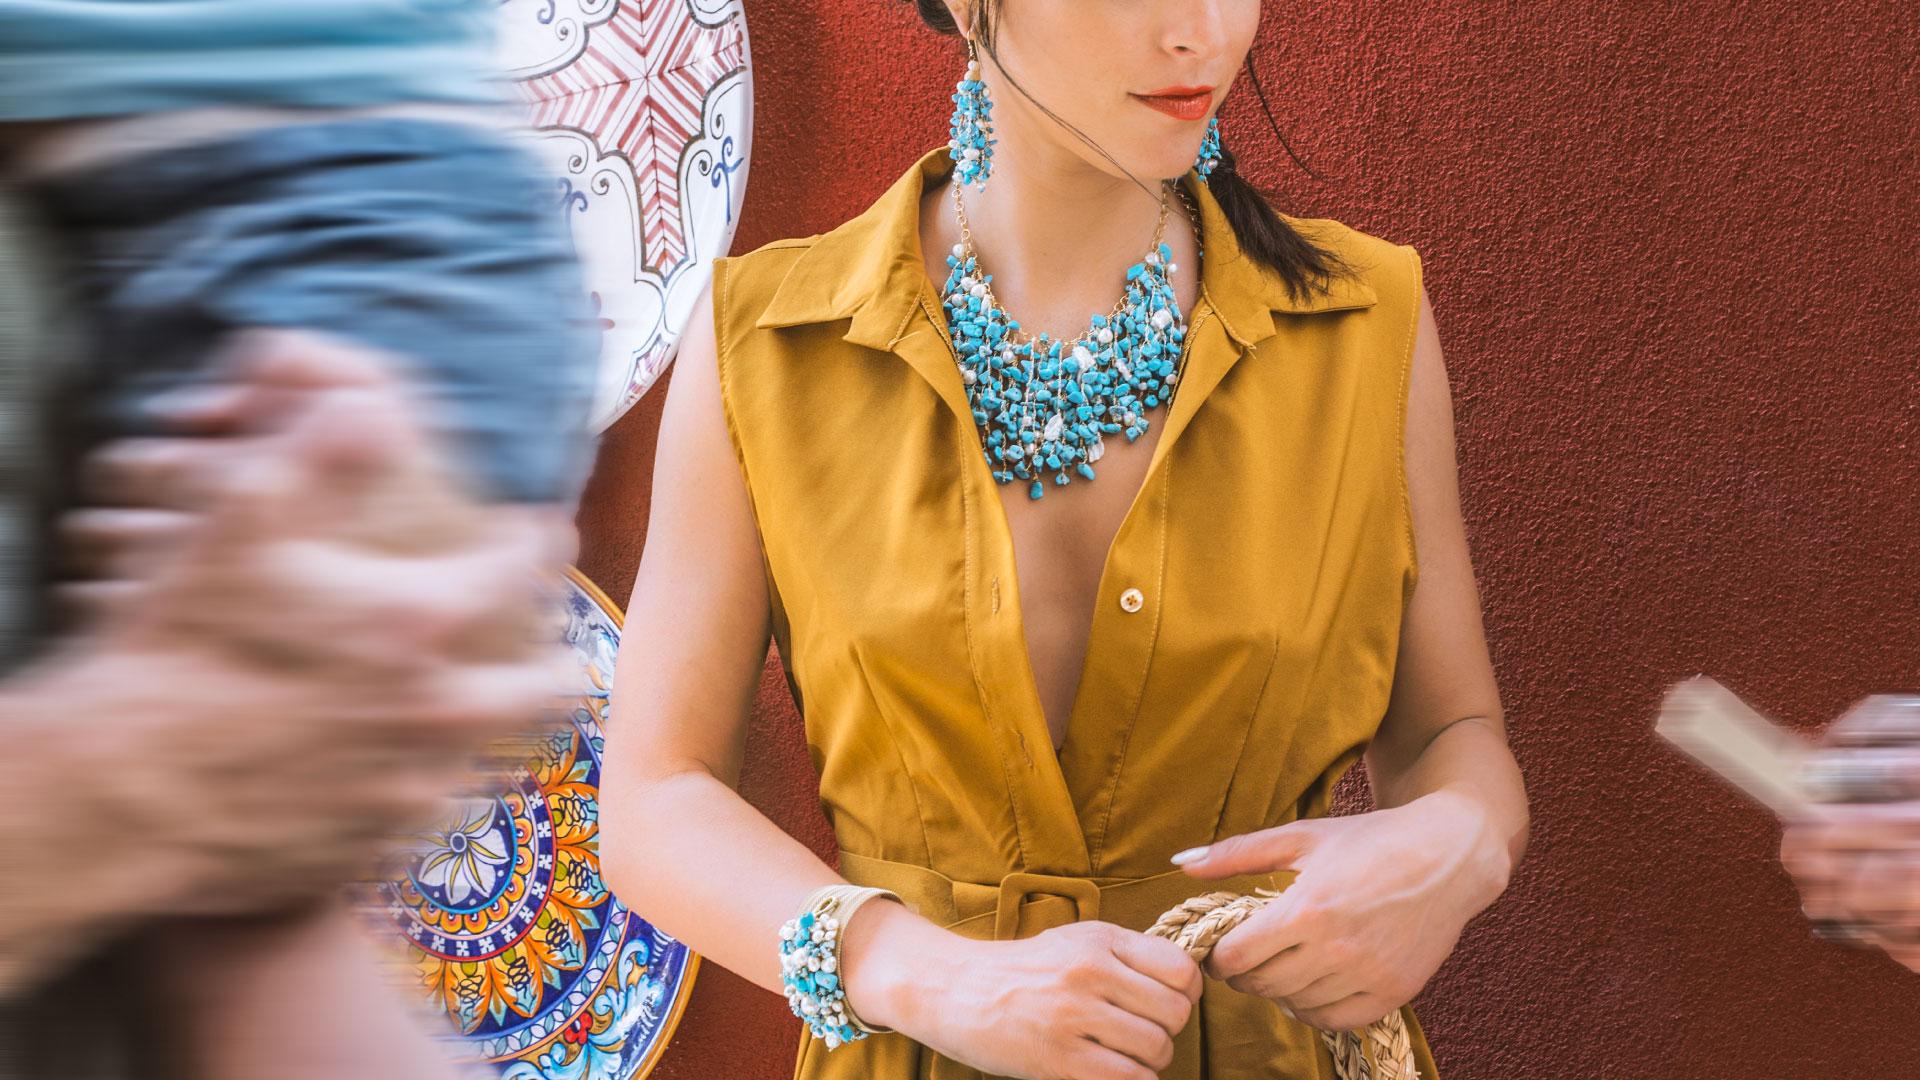 Collezione Uncinetto - Shooting a Positano | Gaetano Vitiello Jewelry